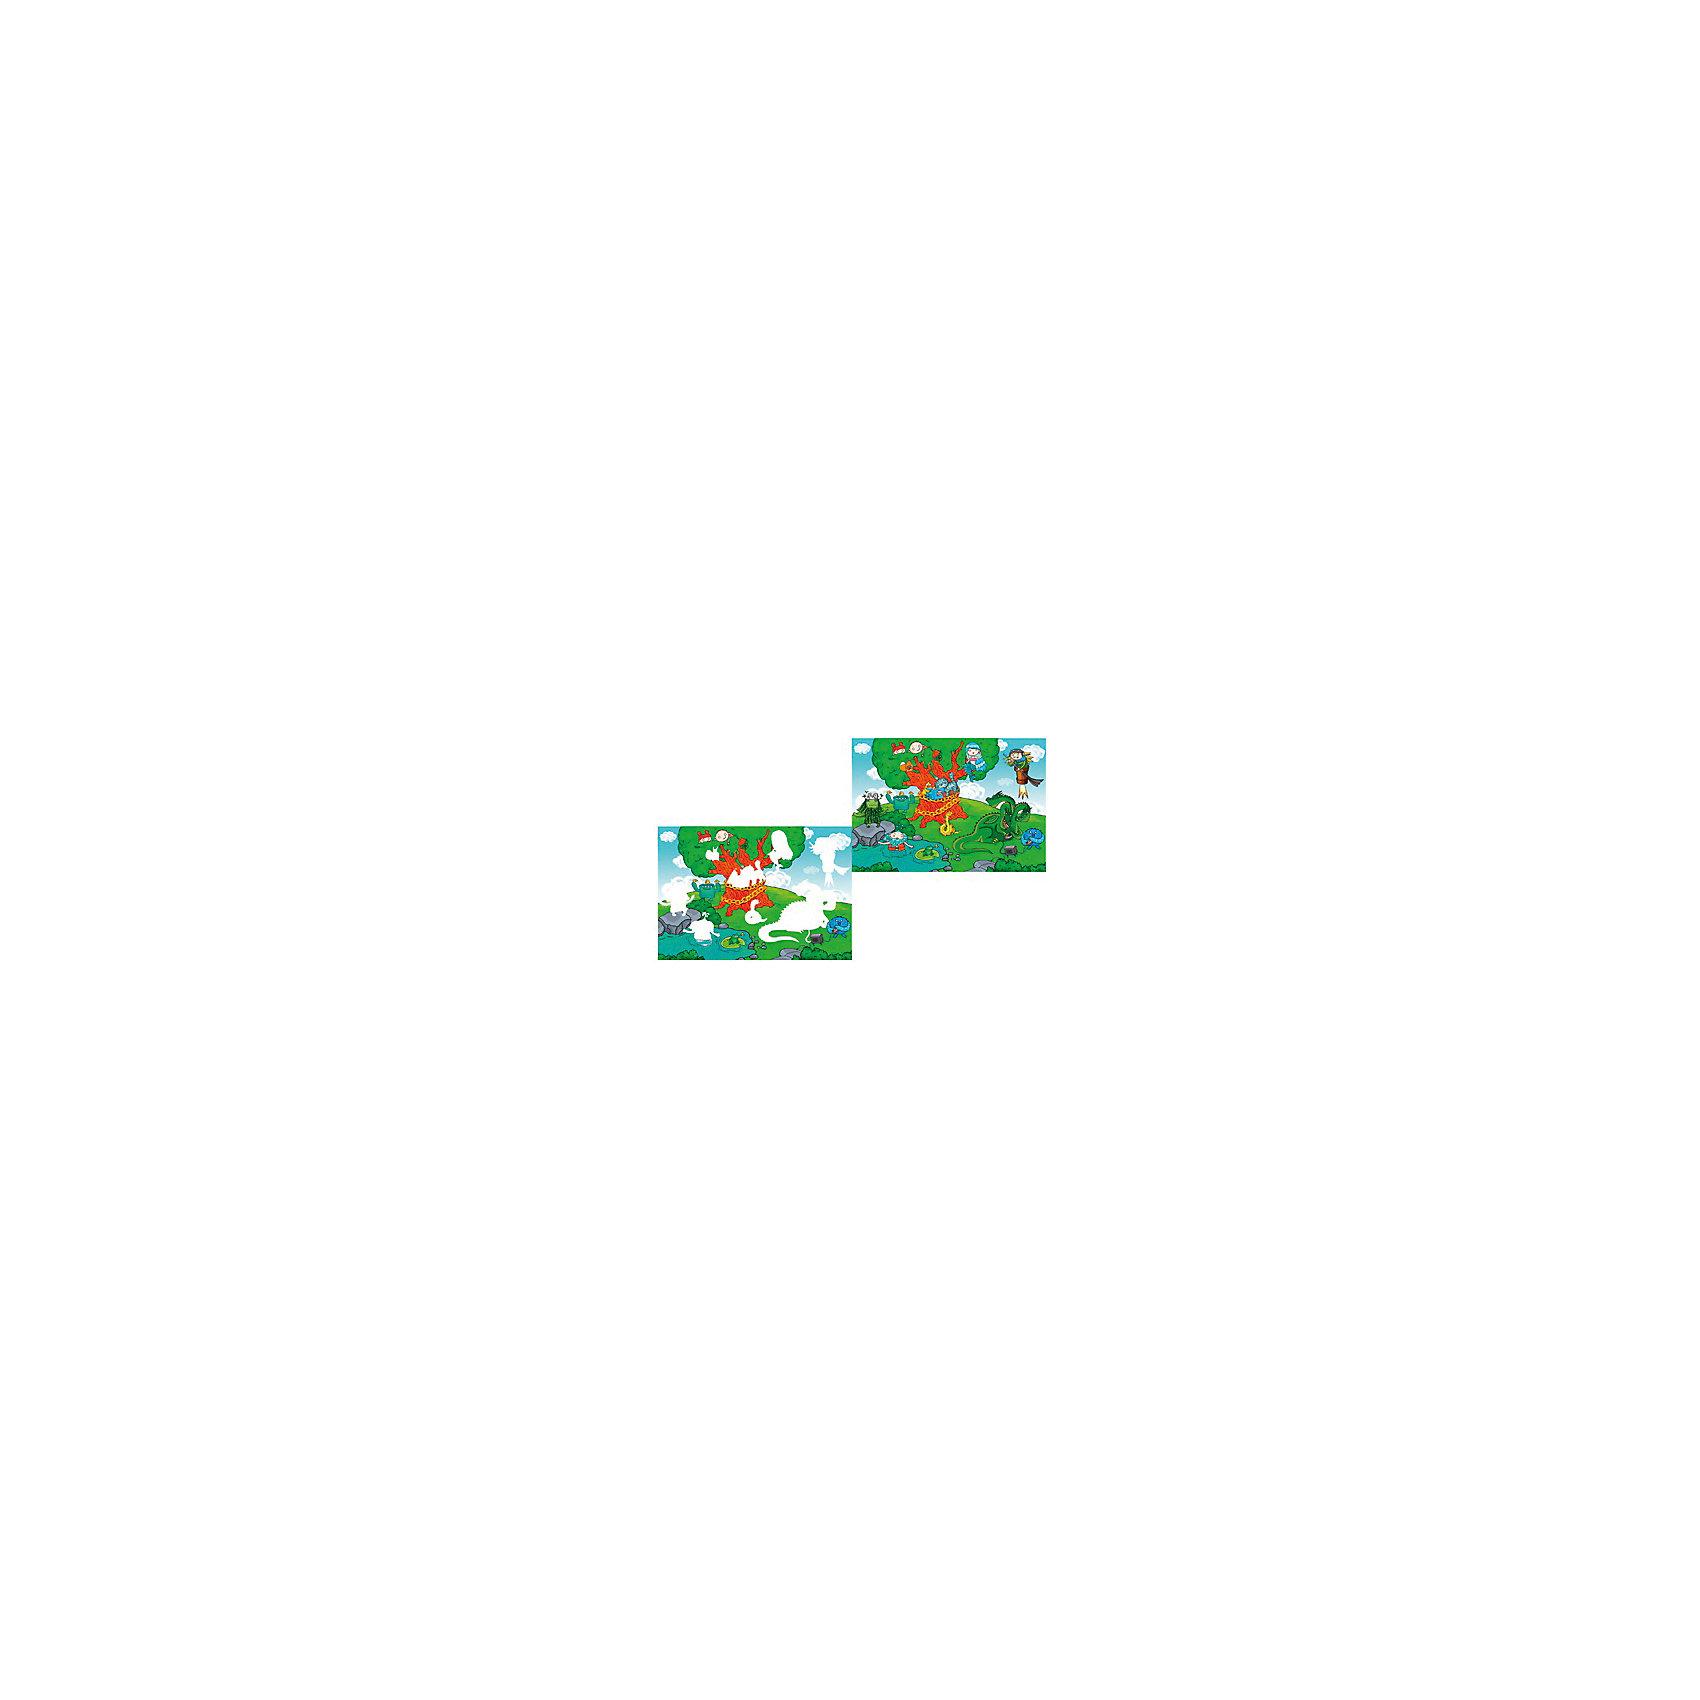 Раскраска Сказки водная, 43*29 смРисование<br>Характеристики товара:<br><br>• материал: бумага<br>• размер: 29х43 см<br>• вес: 80 г<br>• комплектация: раскраска, губка<br>• развивающая<br>• возраст: от трех лет<br>• страна бренда: Финляндия<br>• страна изготовитель: Китай<br><br>Такая раскраска станет отличным подарком малышам! Она отличается тем, что для раскрашивания не нужны краски - досточно воды!. Изображения крупные, поэтому даже малышам будет легко их раскрасить. С помощью раскрашивания ребенок не только весело проведет время, он будет тренировать внимательность, абстрактное мышление, логику, усидчивость, мелкую моторику и творческие способности. <br>Раскраска выпущена в удобном формате. Изделие производится из качественных и проверенных материалов, которые безопасны для детей.<br><br>Раскраску Сказки водную, 43*29 см от бренда KriBly Boo можно купить в нашем интернет-магазине.<br><br>Ширина мм: 430<br>Глубина мм: 290<br>Высота мм: 10<br>Вес г: 86<br>Возраст от месяцев: 36<br>Возраст до месяцев: 84<br>Пол: Унисекс<br>Возраст: Детский<br>SKU: 5167834